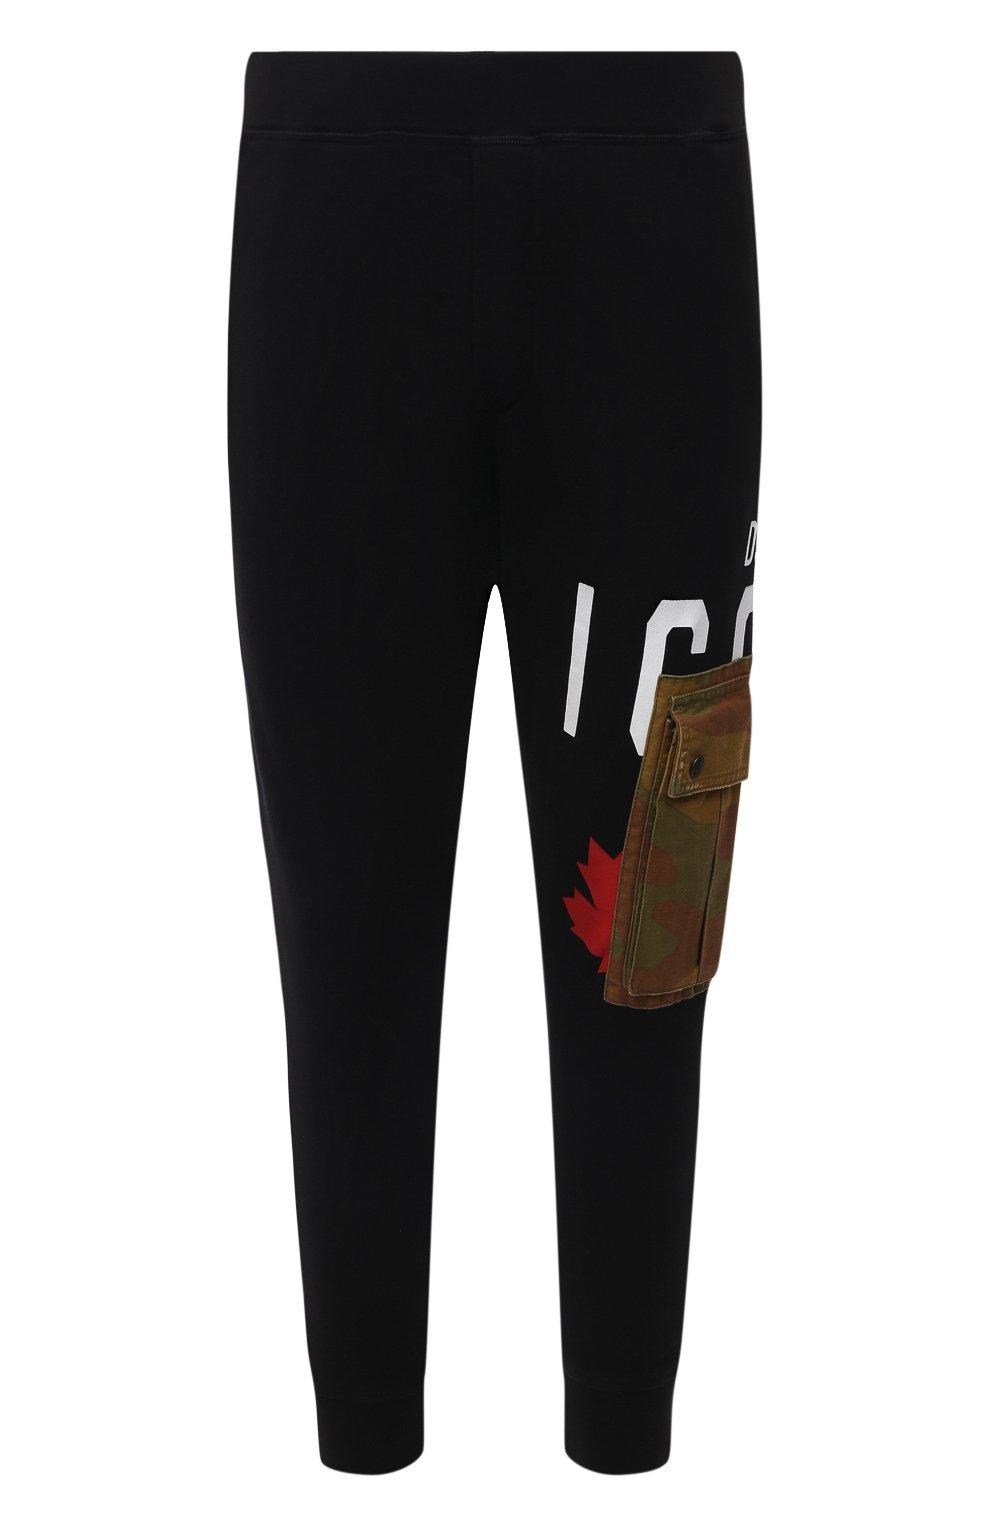 Мужские хлопковые джоггеры DSQUARED2 черного цвета, арт. S79KA0019/S25042 | Фото 1 (Мужское Кросс-КТ: Брюки-трикотаж; Длина (брюки, джинсы): Стандартные; Стили: Гранж, Спорт-шик; Материал внешний: Хлопок; Силуэт М (брюки): Джоггеры)